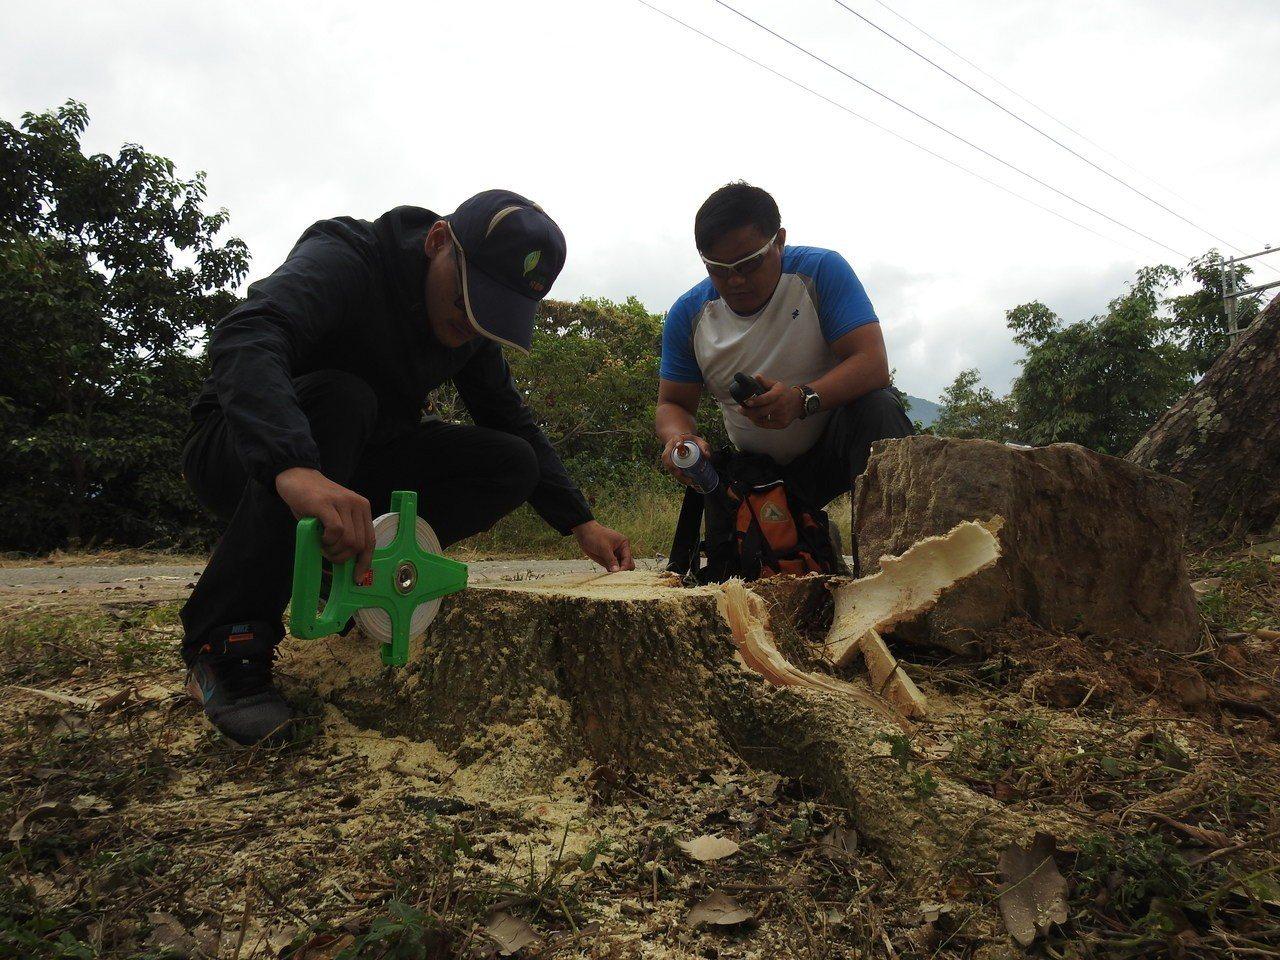 南投林管處在埔里虎頭山樹木遭當地公所誤砍,今依法開罰15萬元罰鍰。圖/本報資料照